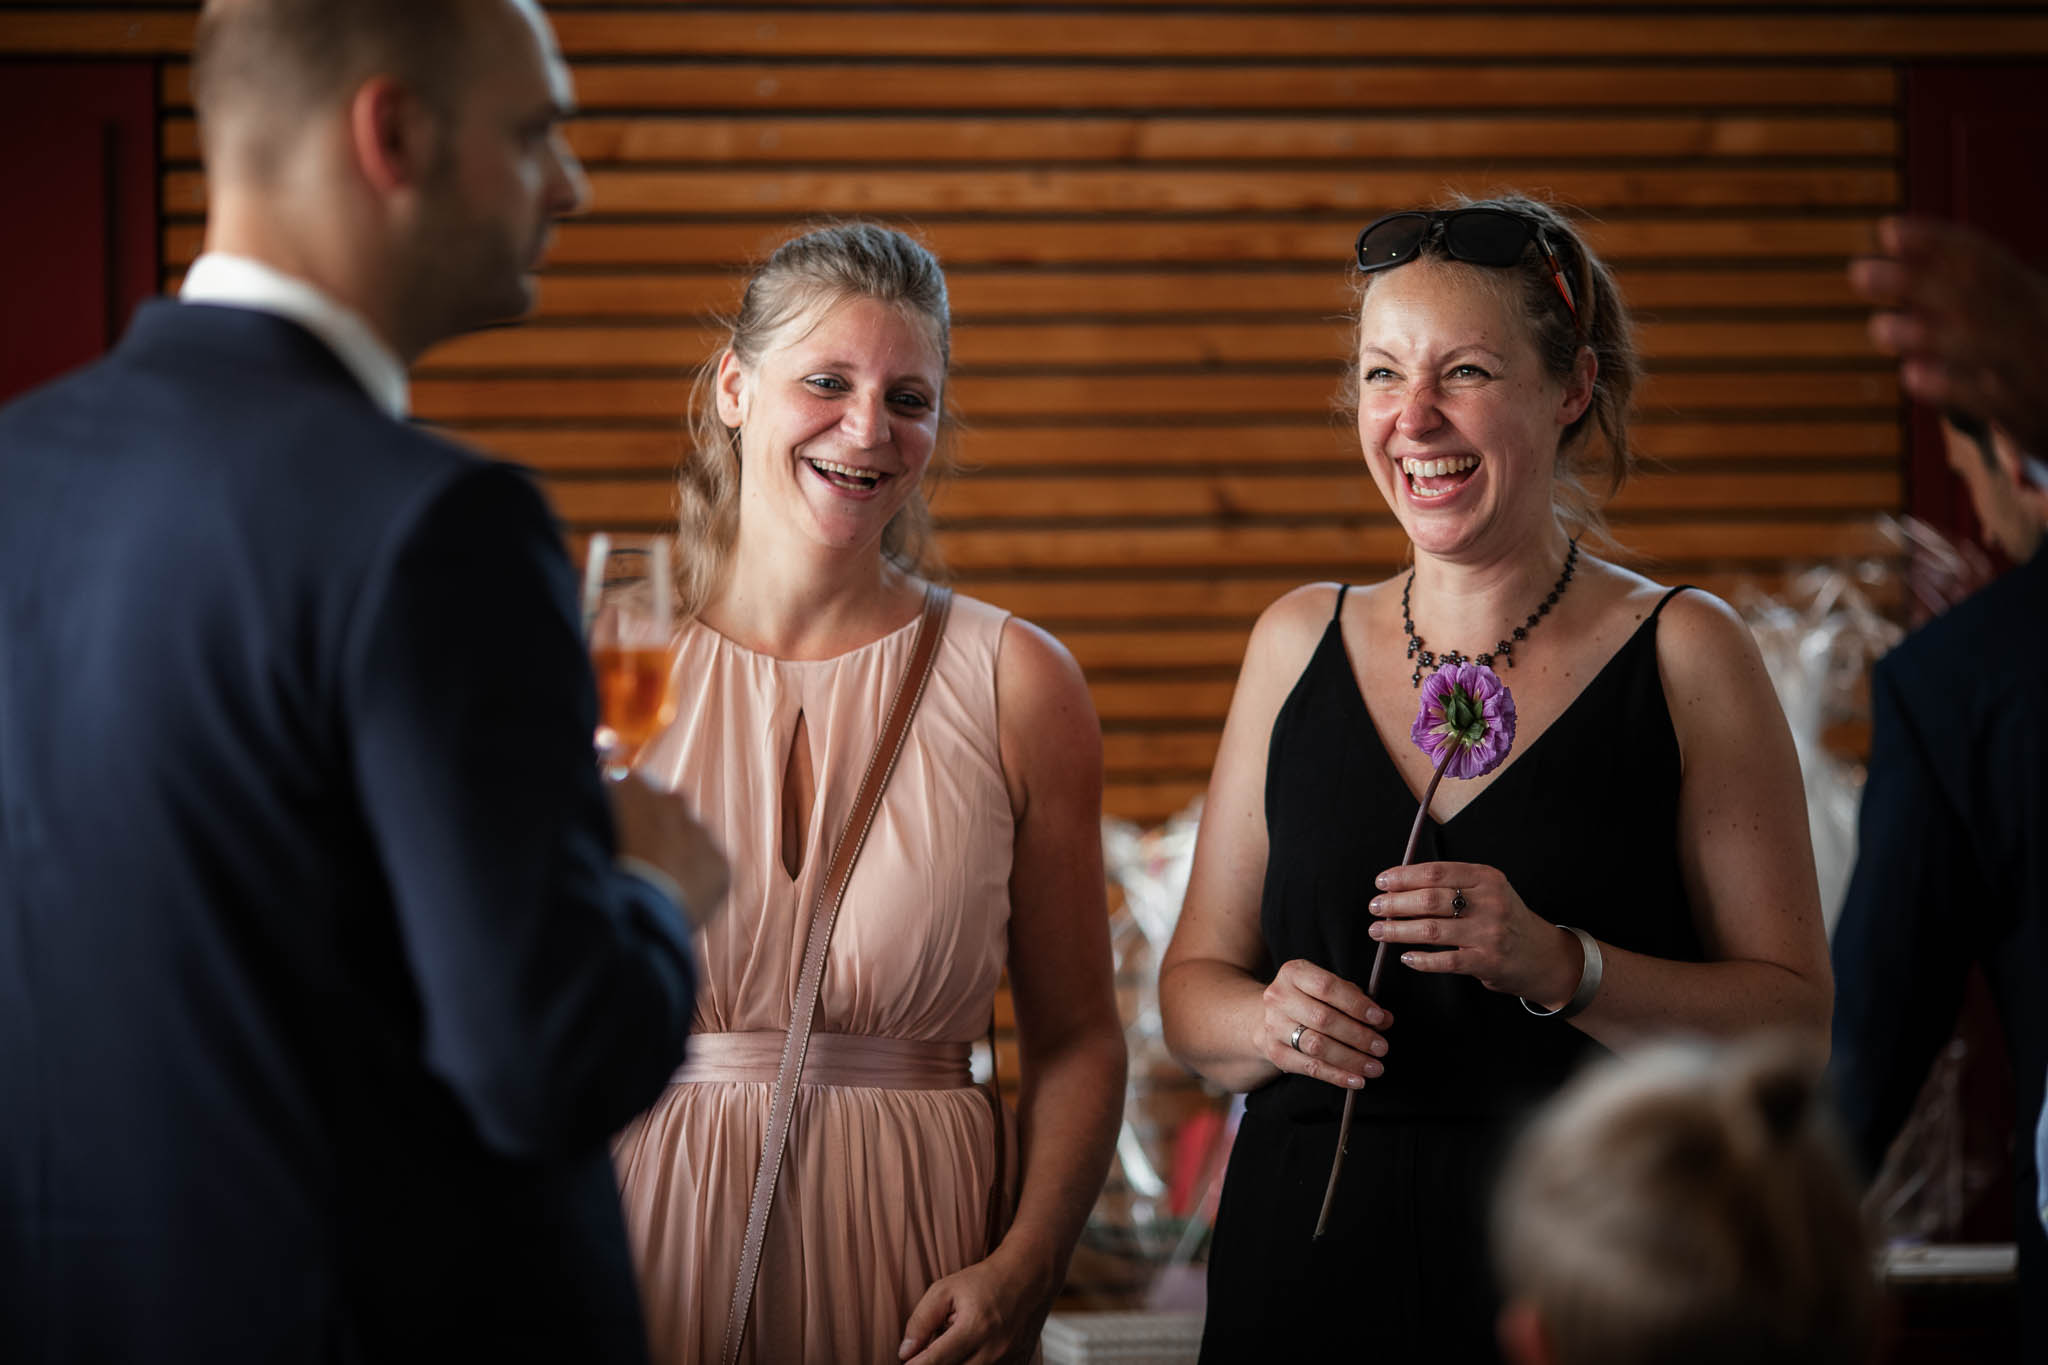 Hochzeitsfotograf Guntersblum, Domhof - Hochzeit von Ina & Johannes 37